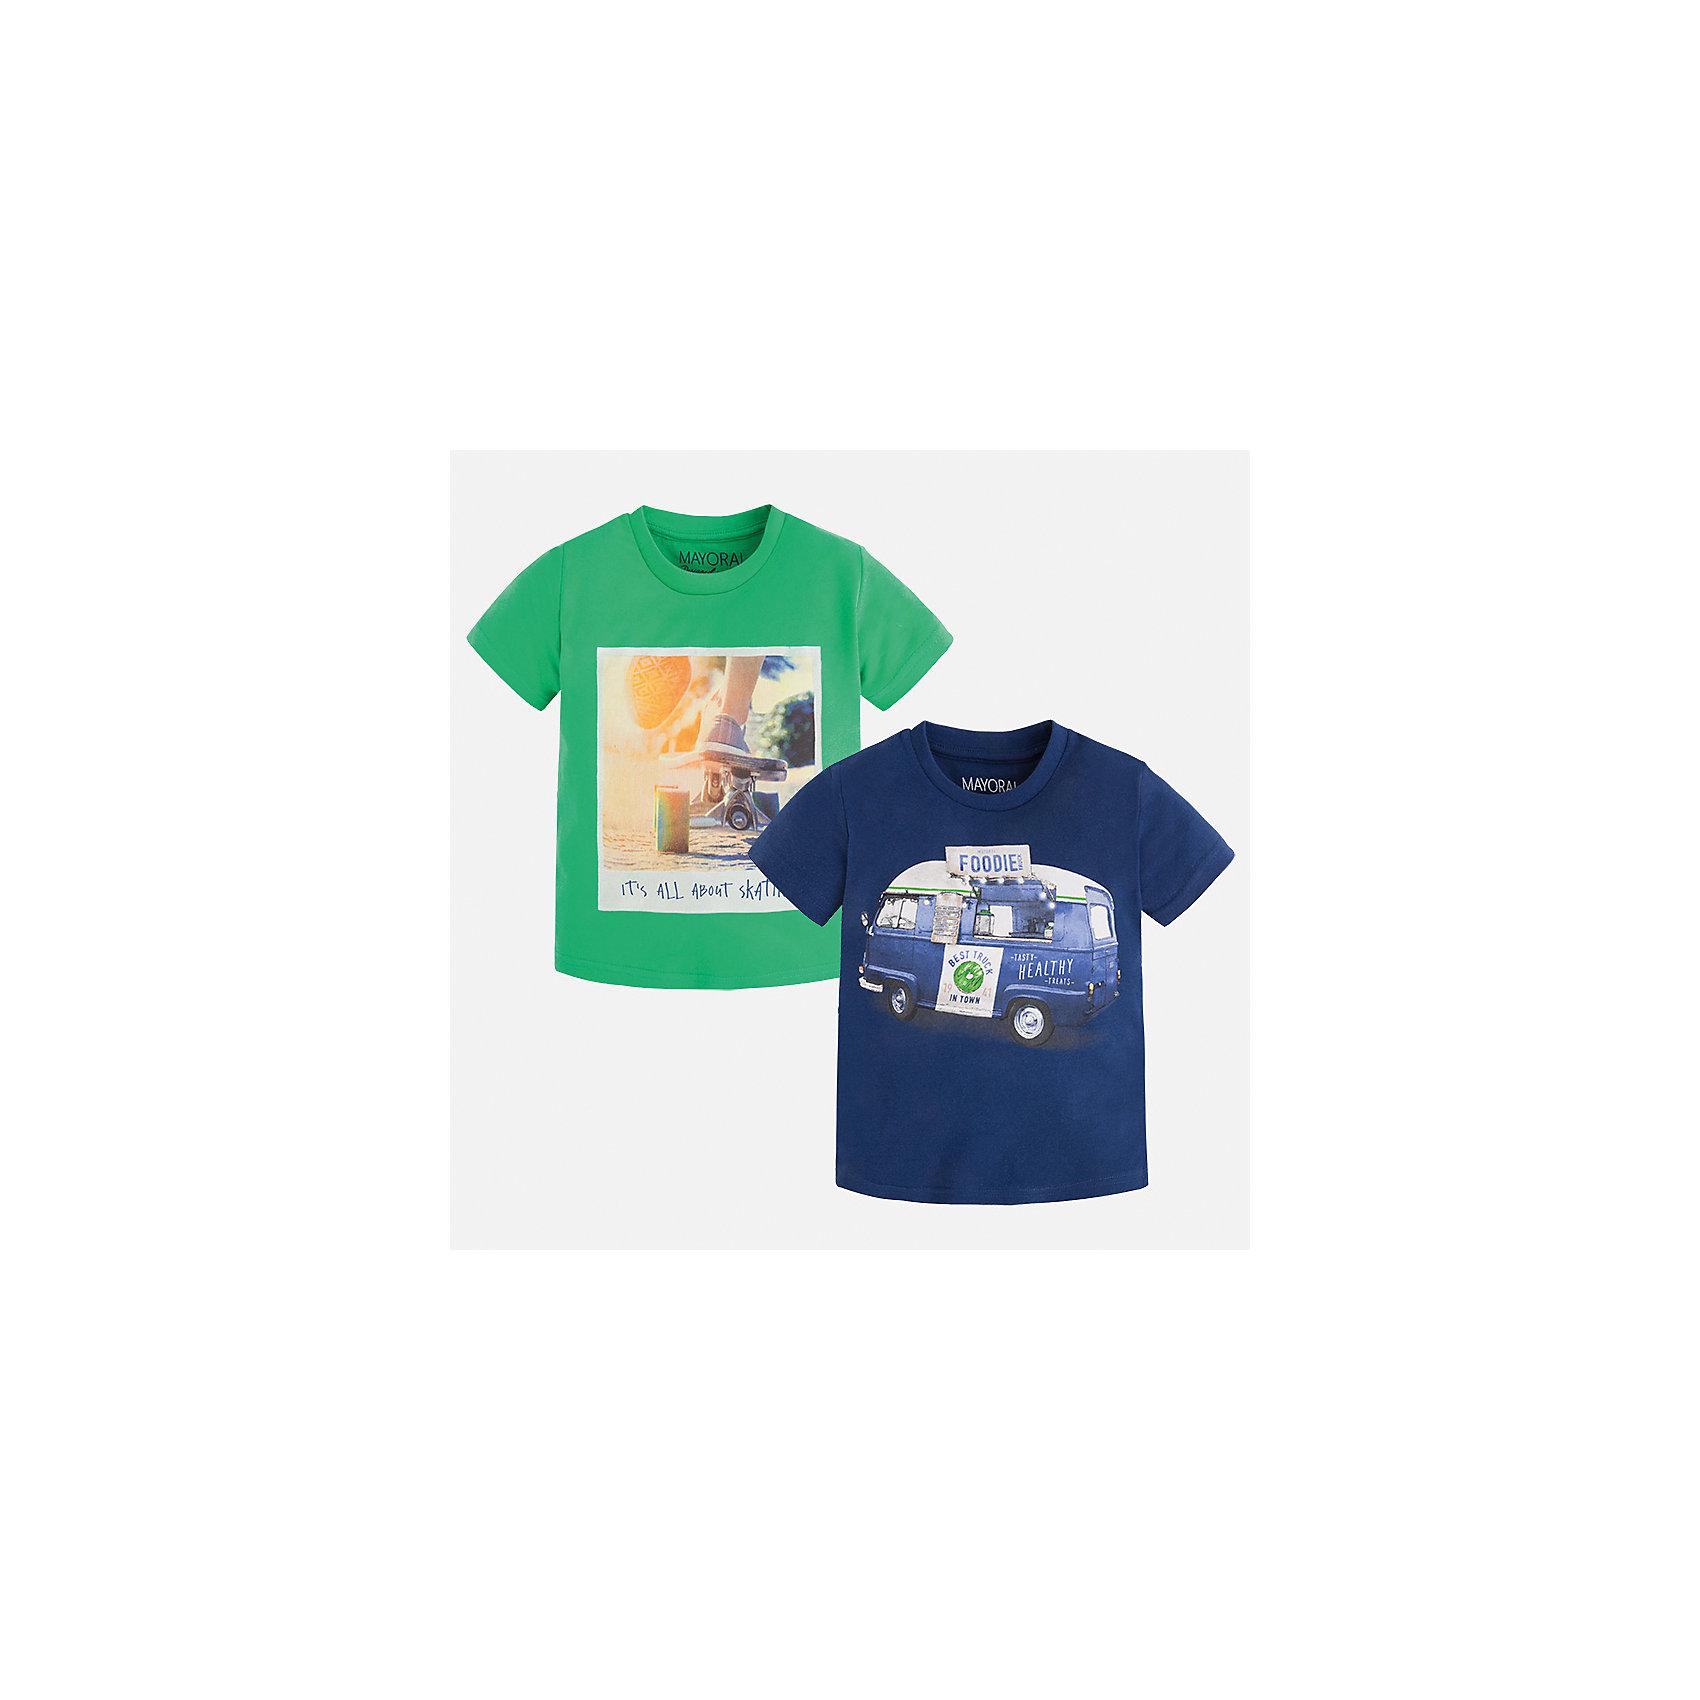 Футболка с длинным рукавом для мальчика MayoralФутболки, поло и топы<br>Характеристики товара:<br><br>• цвет: зеленый/синий<br>• состав: 100% хлопок<br>• комплектация: 2 шт<br>• декорированы кармашком на груди<br>• короткие рукава<br>• отделка горловины<br>• страна бренда: Испания<br><br>Модная удобная футболка с принтом поможет разнообразить гардероб мальчика. Она отлично сочетается с брюками, шортами, джинсами. Универсальный крой и цвет позволяет подобрать к вещи низ разных расцветок. Практичное и стильное изделие! Хорошо смотрится и комфортно сидит на детях. В составе материала - только натуральный хлопок, гипоаллергенный, приятный на ощупь, дышащий. <br><br>Одежда, обувь и аксессуары от испанского бренда Mayoral полюбились детям и взрослым по всему миру. Модели этой марки - стильные и удобные. Для их производства используются только безопасные, качественные материалы и фурнитура. Порадуйте ребенка модными и красивыми вещами от Mayoral! <br><br>Футболку (2 шт.) для мальчика от испанского бренда Mayoral (Майорал) можно купить в нашем интернет-магазине.<br><br>Ширина мм: 230<br>Глубина мм: 40<br>Высота мм: 220<br>Вес г: 250<br>Цвет: зеленый<br>Возраст от месяцев: 24<br>Возраст до месяцев: 36<br>Пол: Мужской<br>Возраст: Детский<br>Размер: 98,92,122,134,128,116,110,104<br>SKU: 5280174